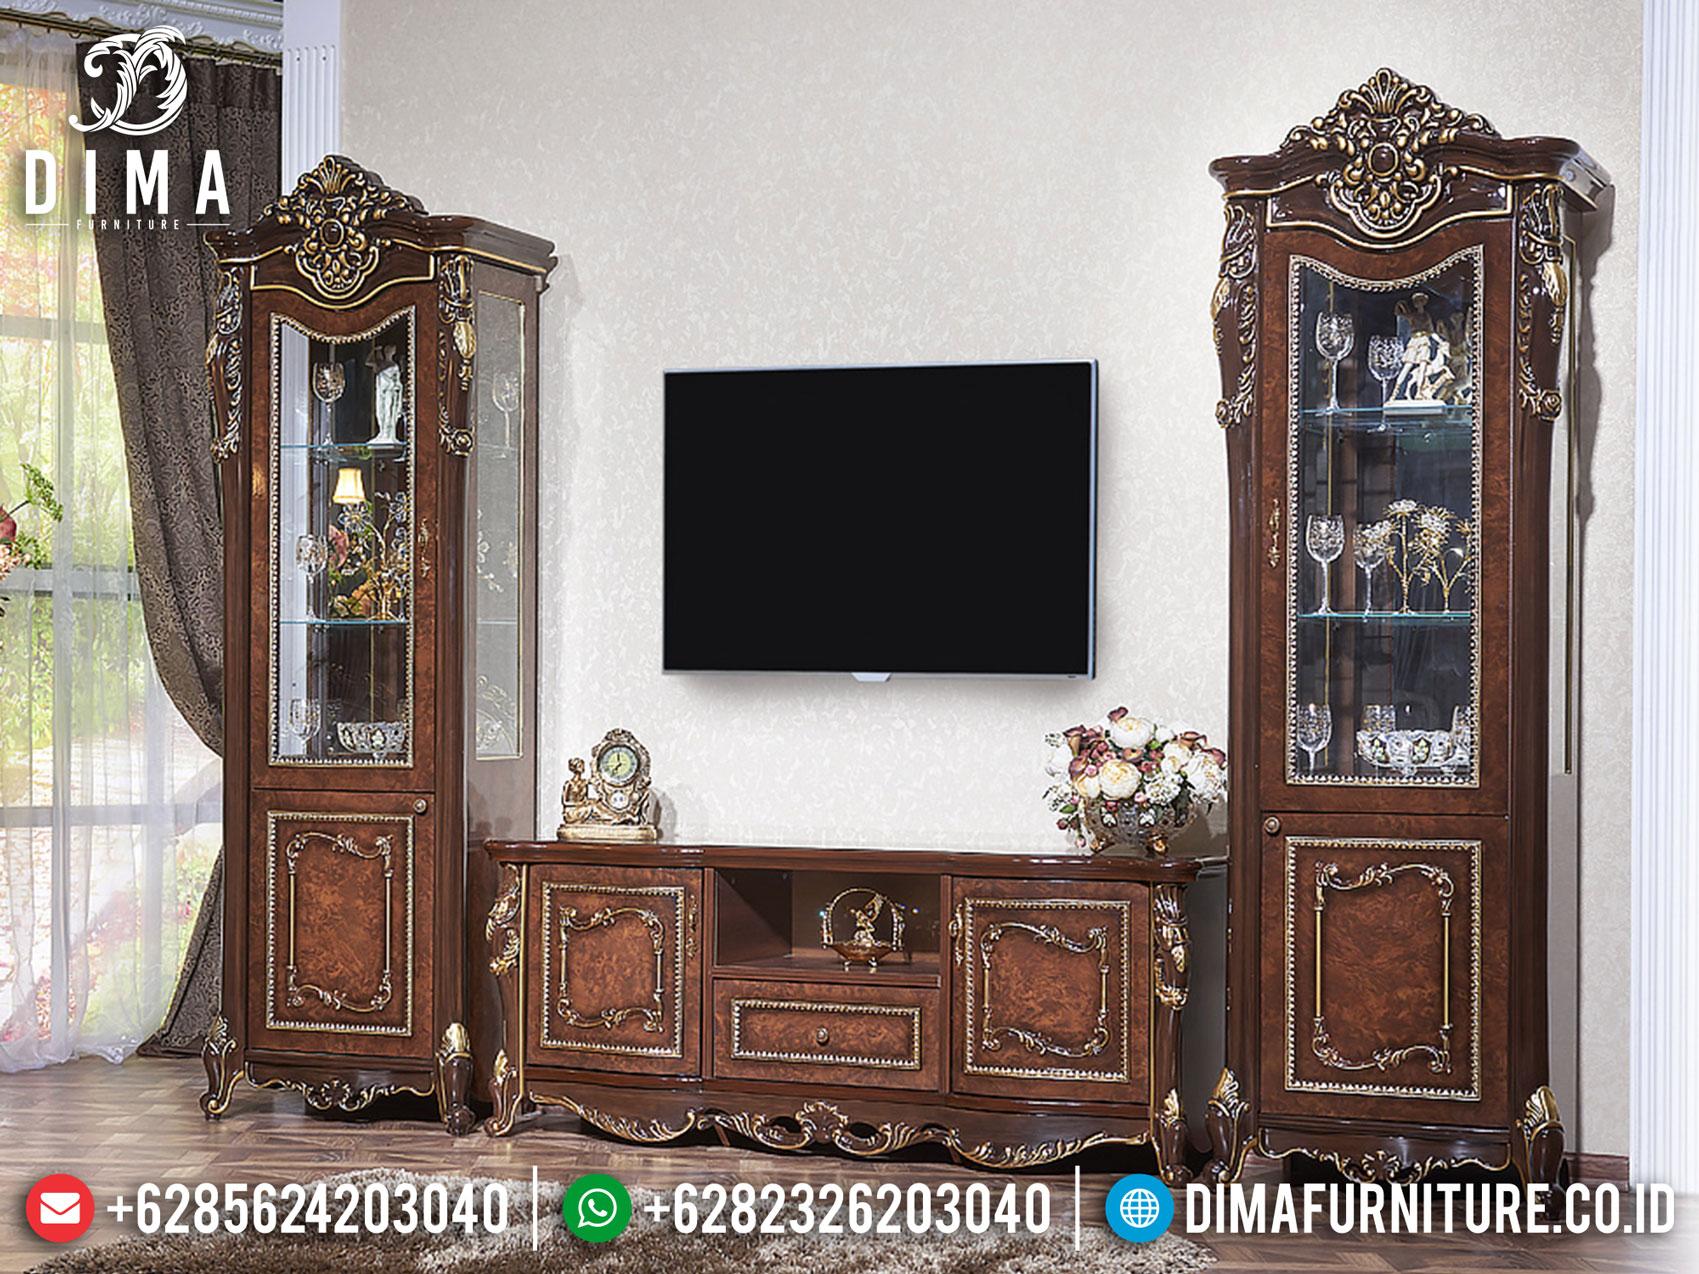 Imperial Style Bufet TV Mewah, Lemari Hias Kaca Terbaru Luxury Carving Marquetry TTJ-1088